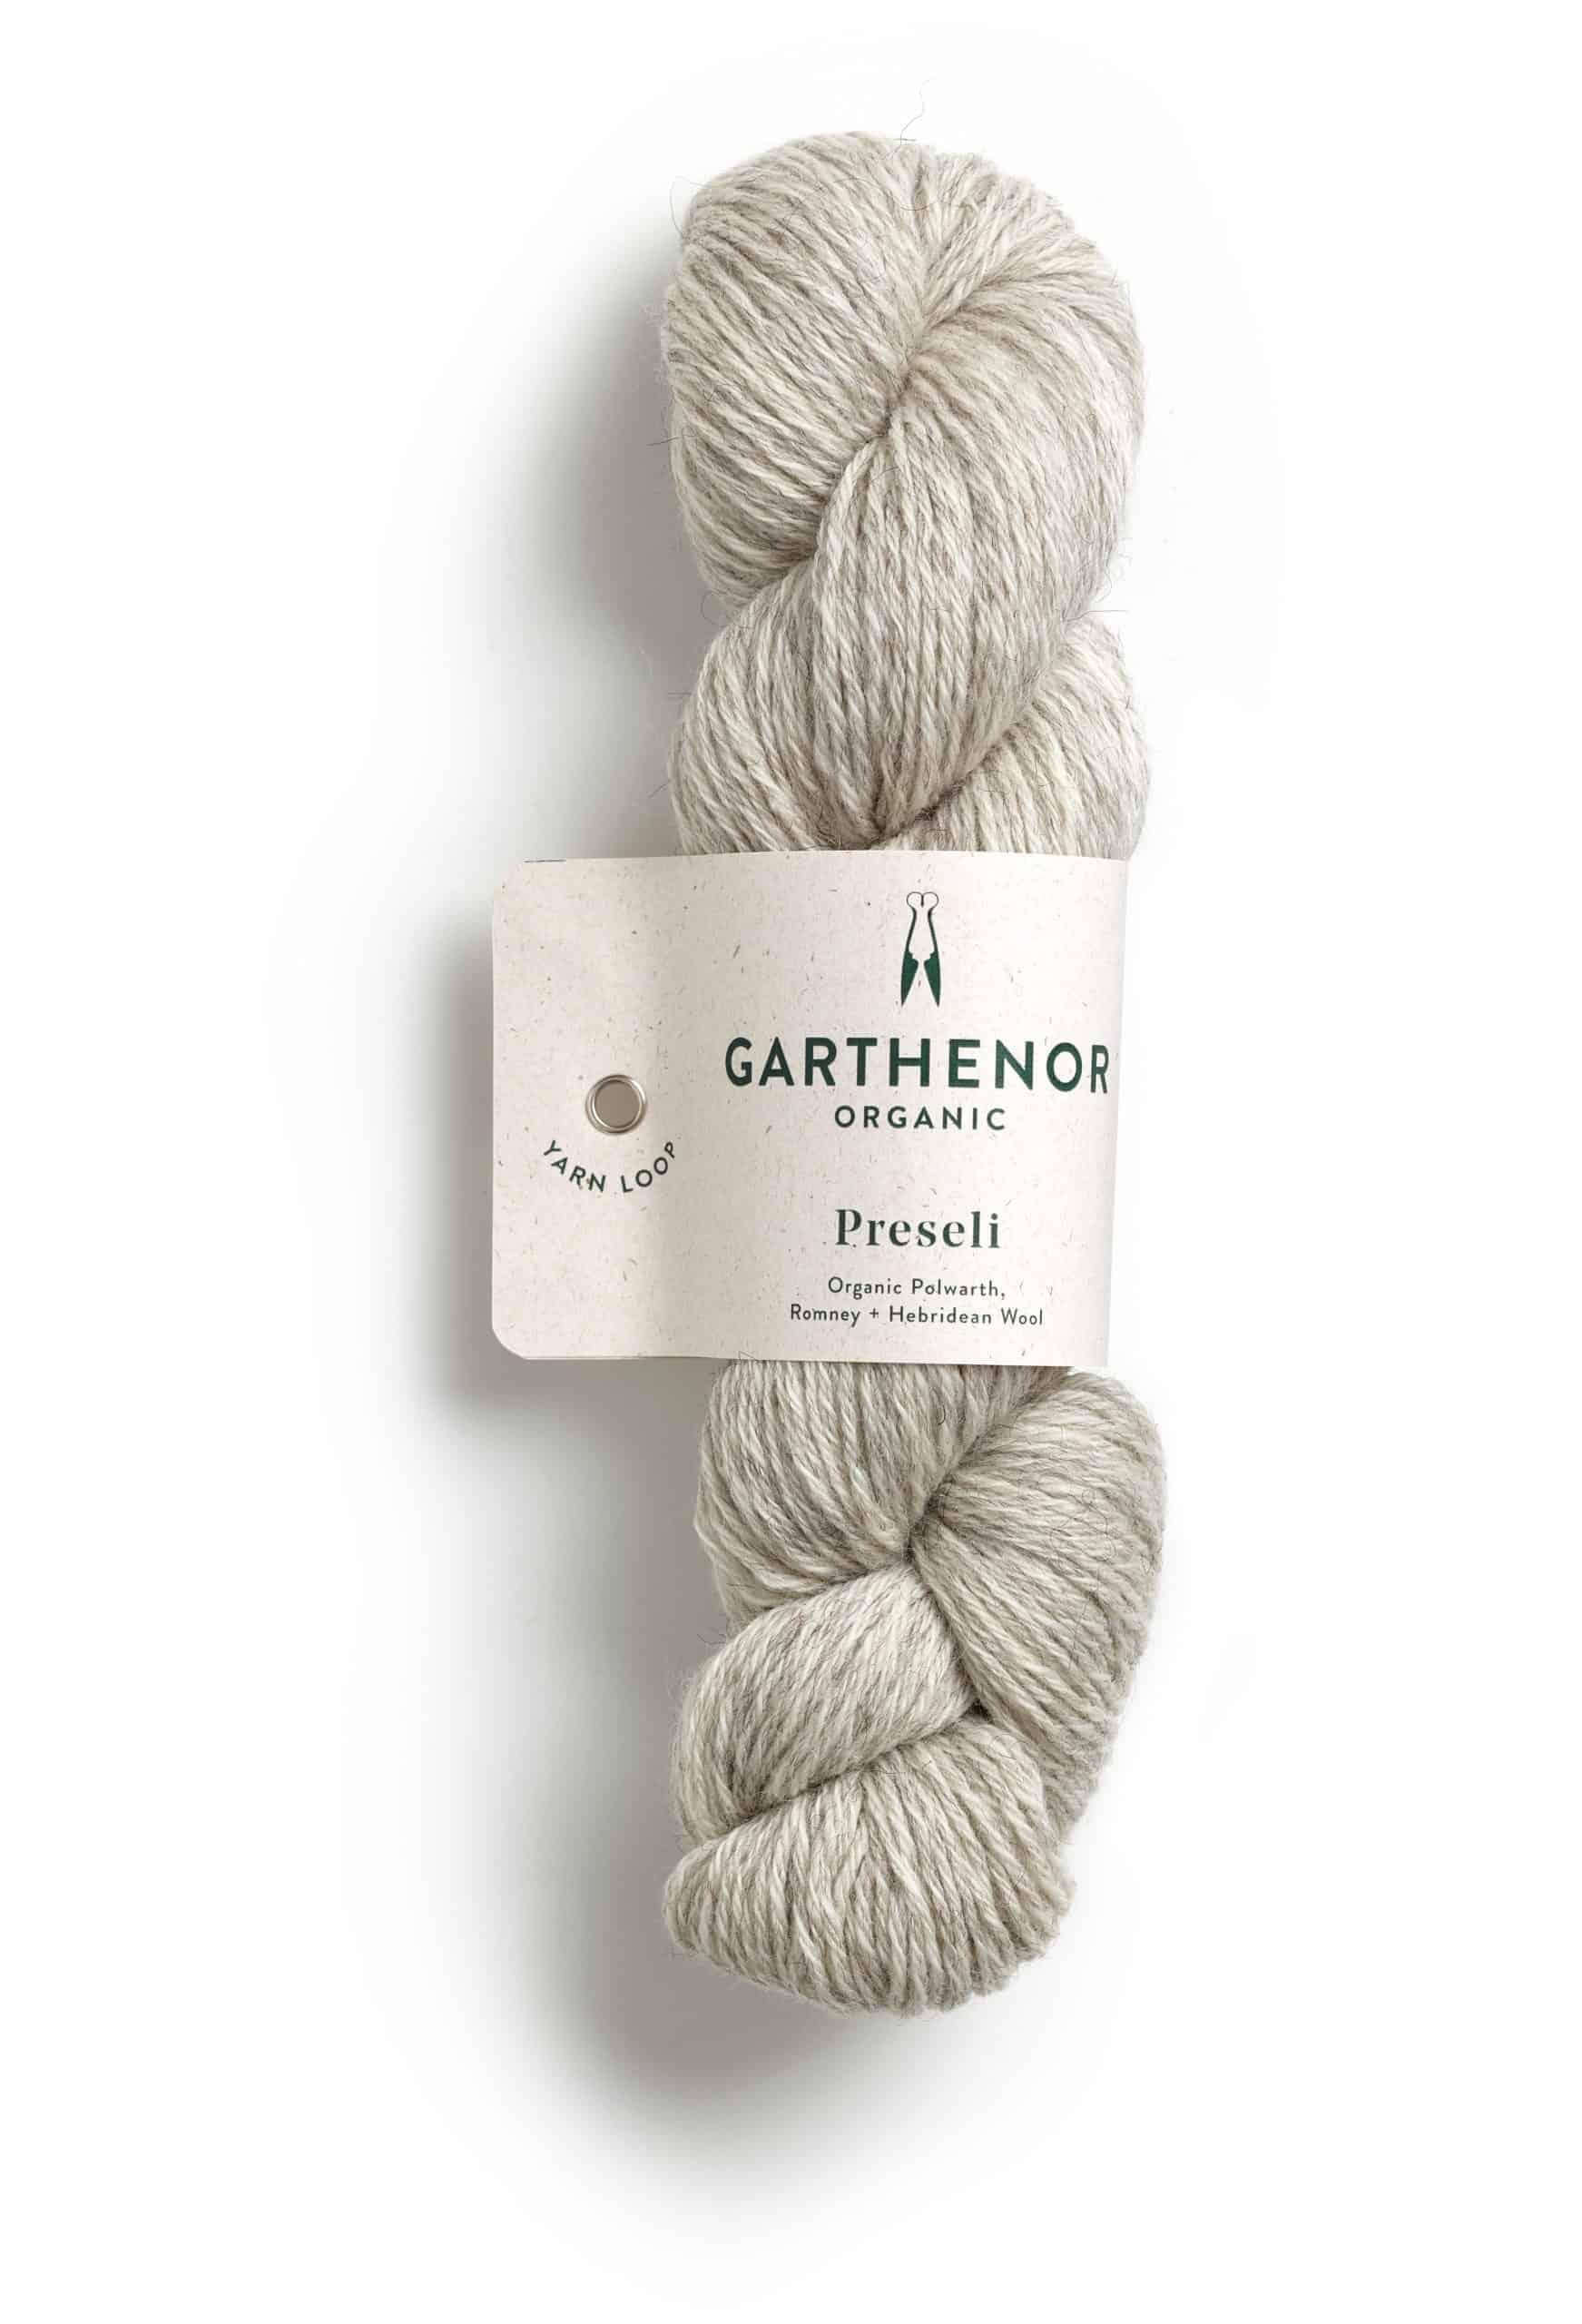 White yarn.